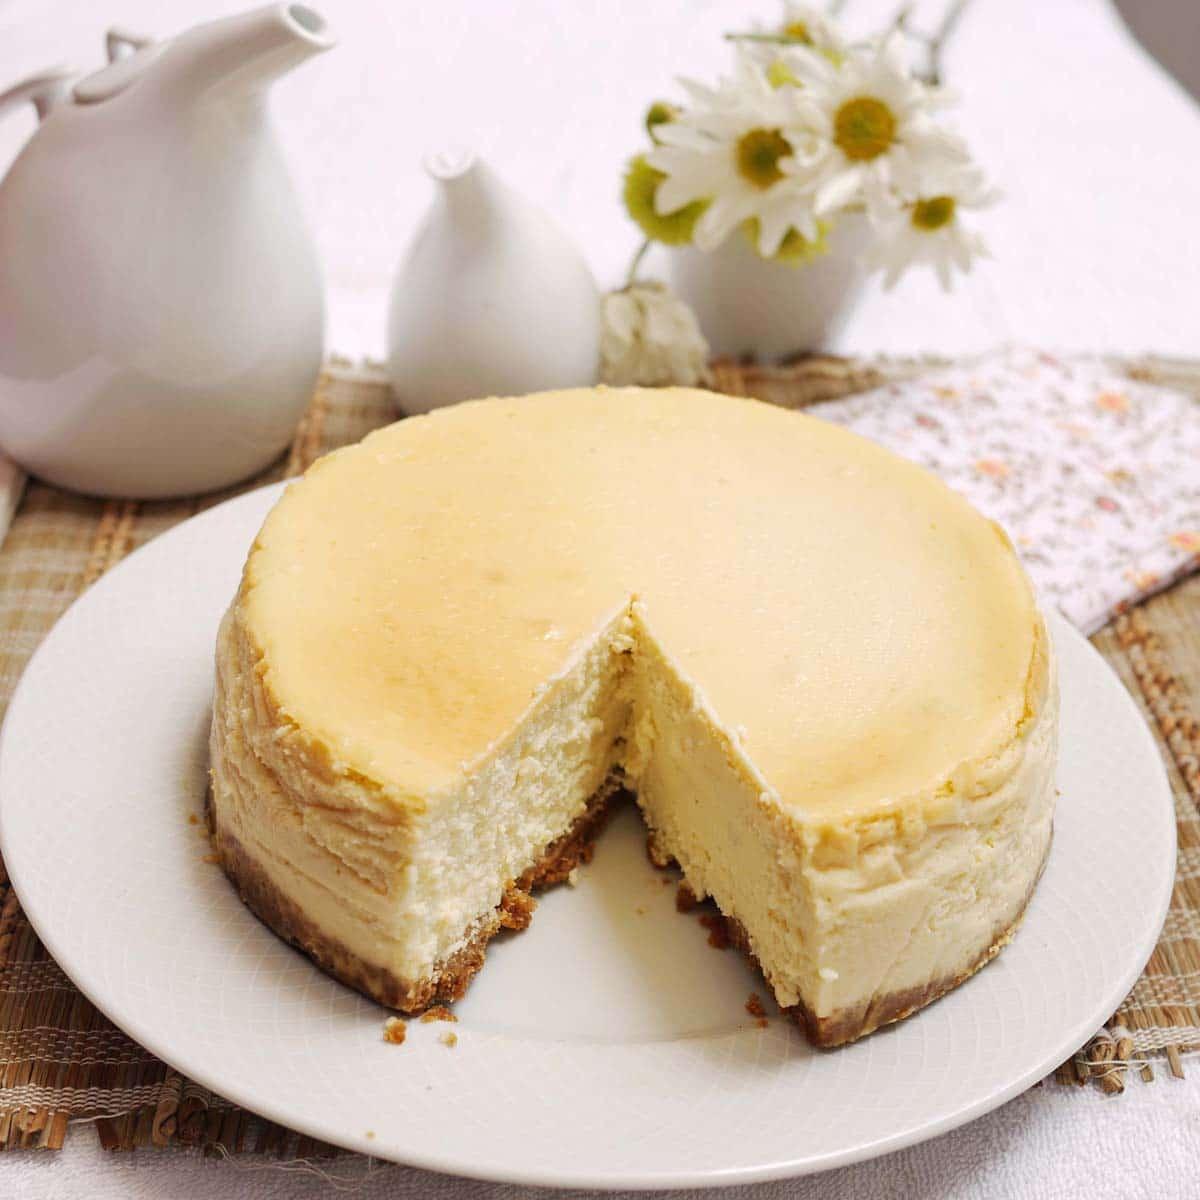 чизкейк этимология названий блюд Я то, что я ем: новомодные названия блюд 99 ny cheesecake